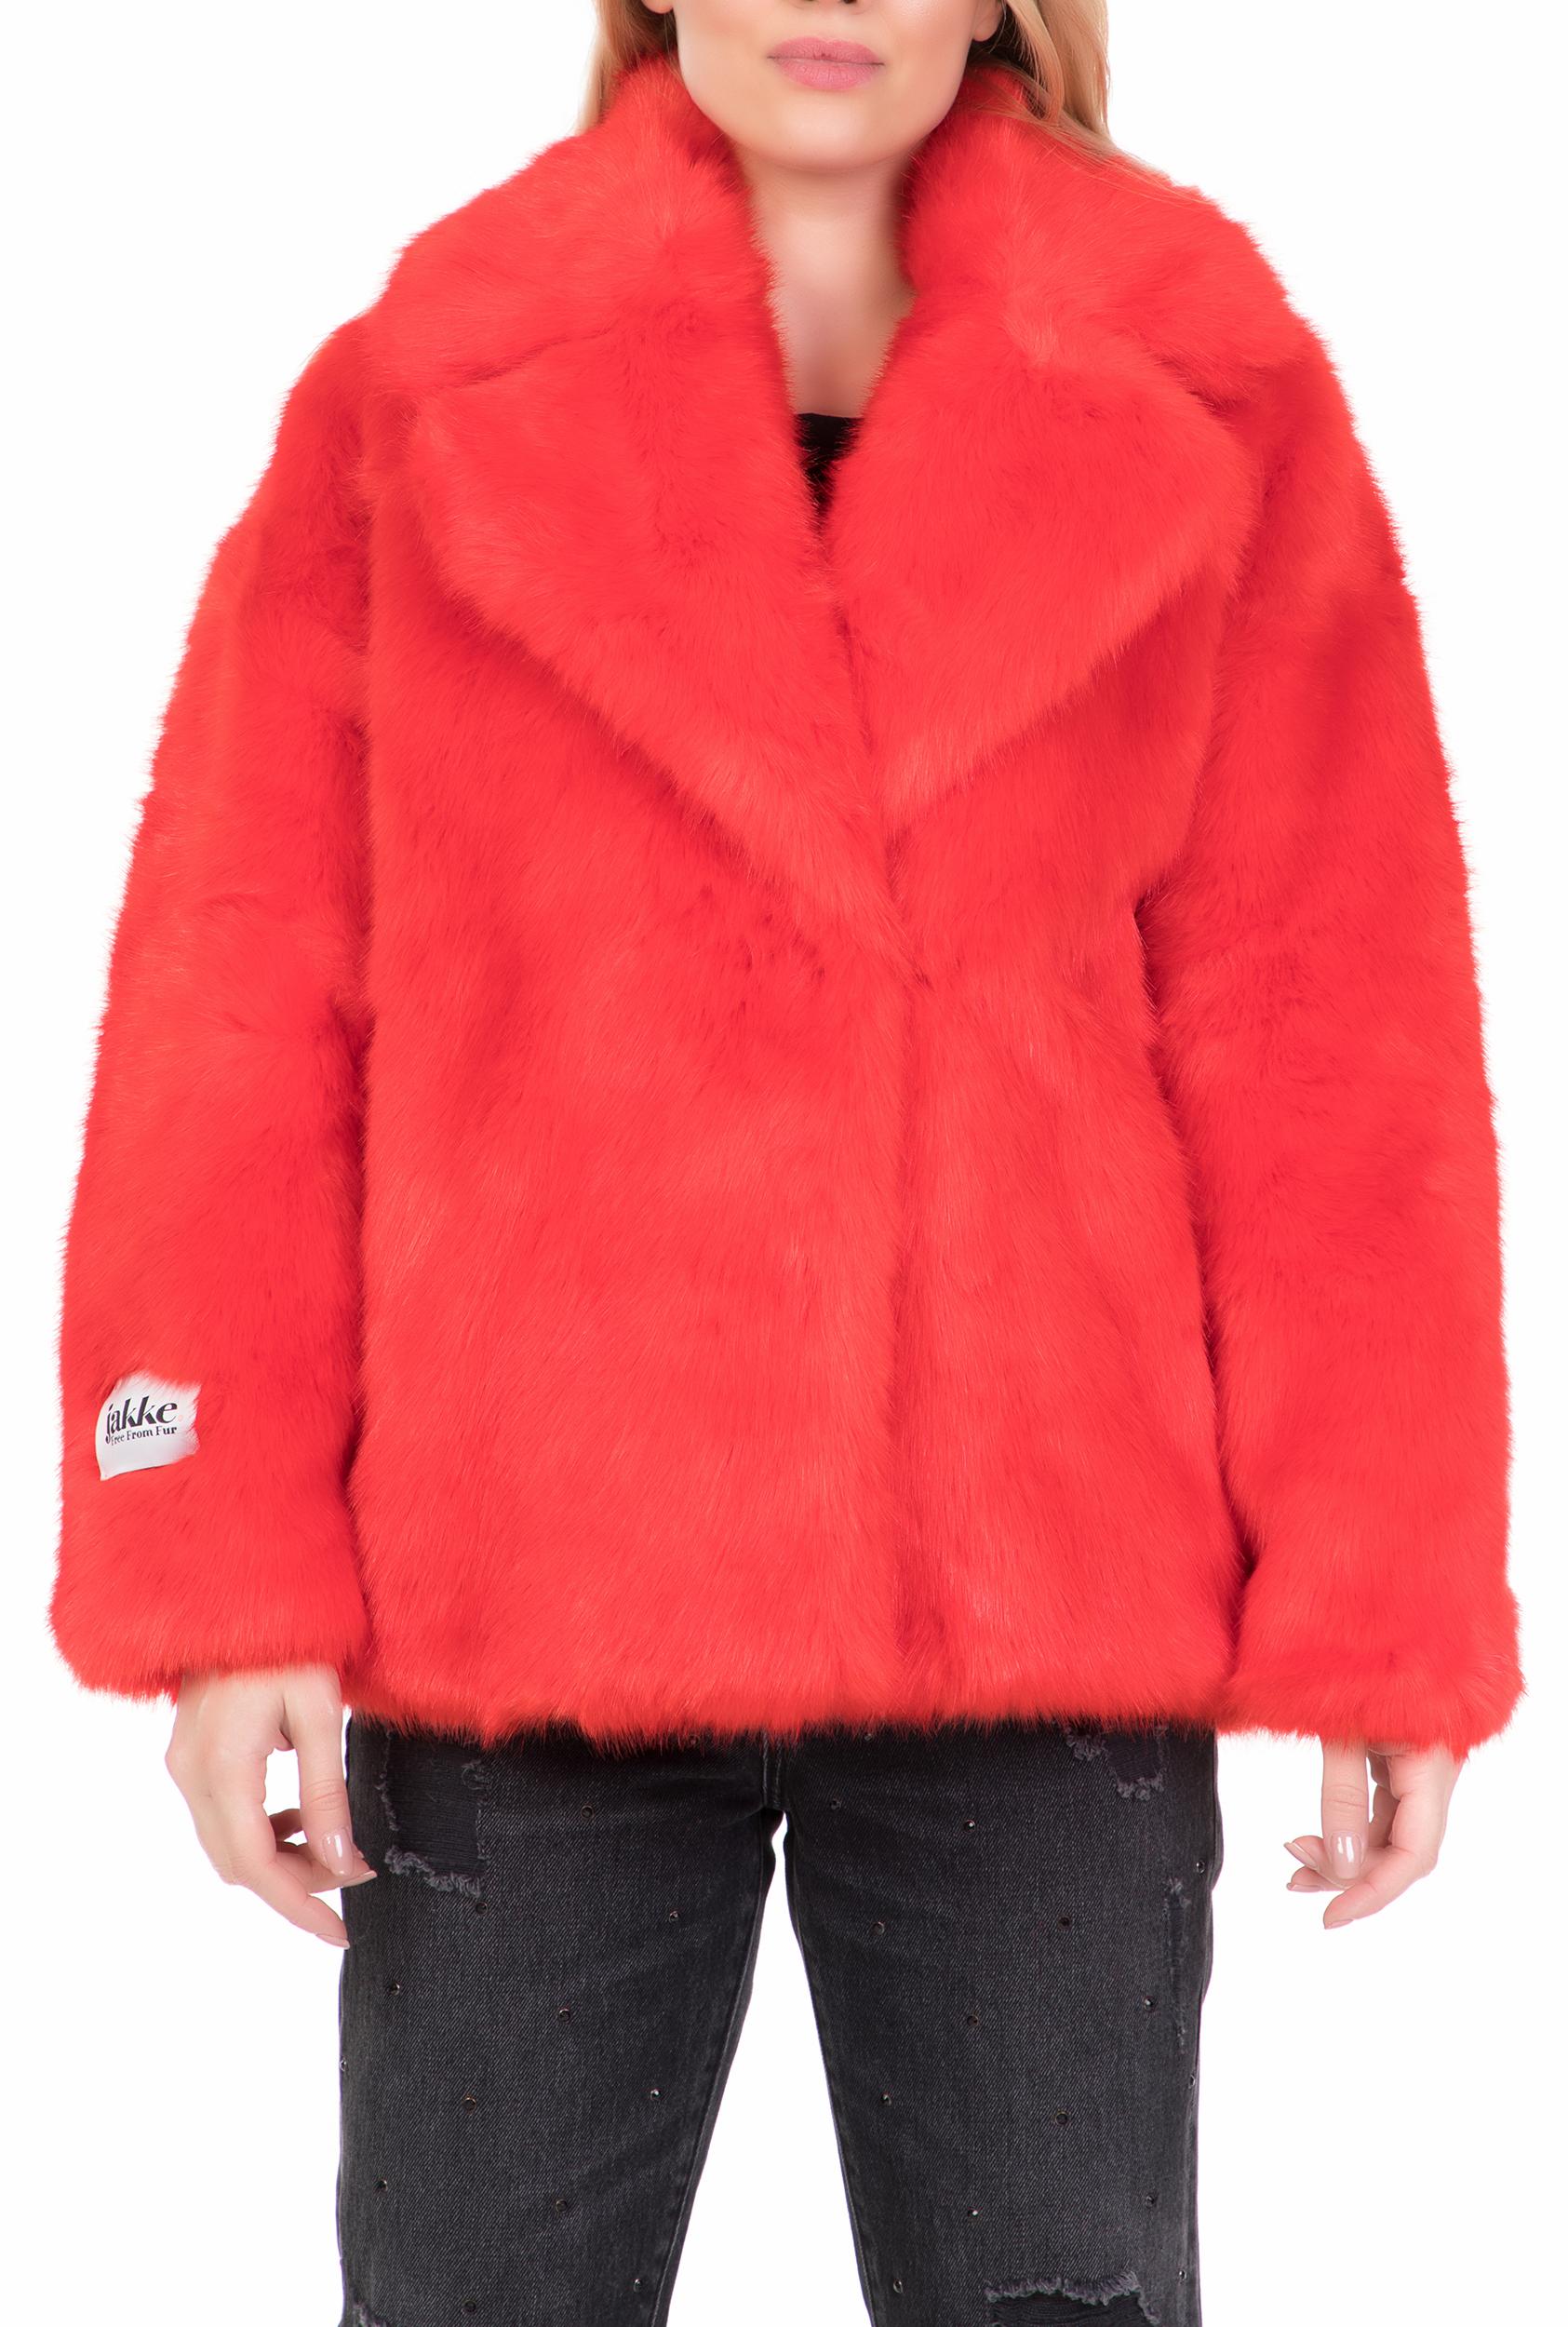 JAKKE - Γυναικείο γούνινο jacket RITA JAKKE κόκκινο · Πανωφόρια d10fc1f0ace